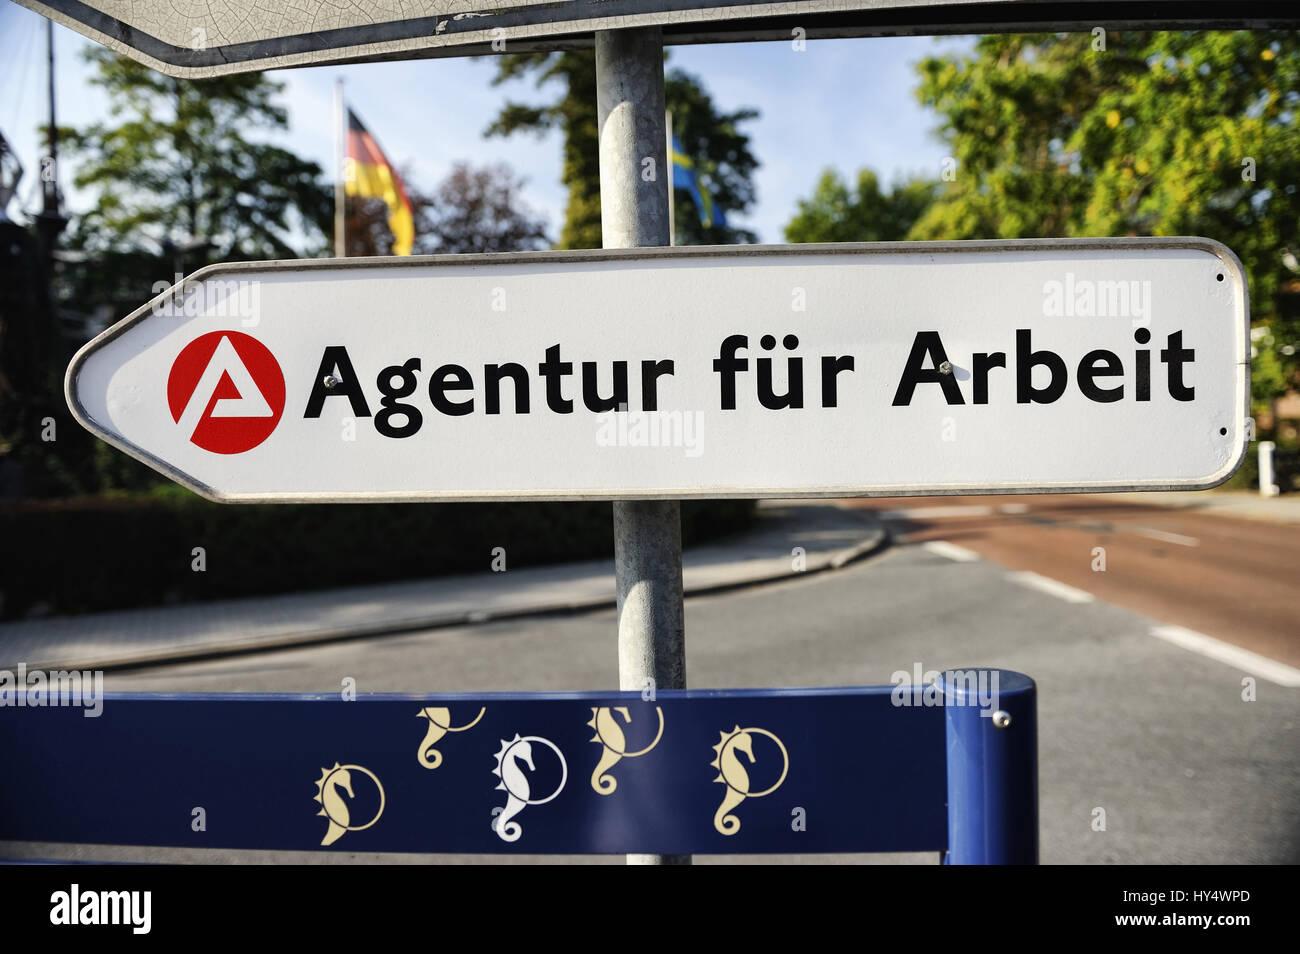 Sign Agency for work, Schild Agentur fuer Arbeit Stock Photo